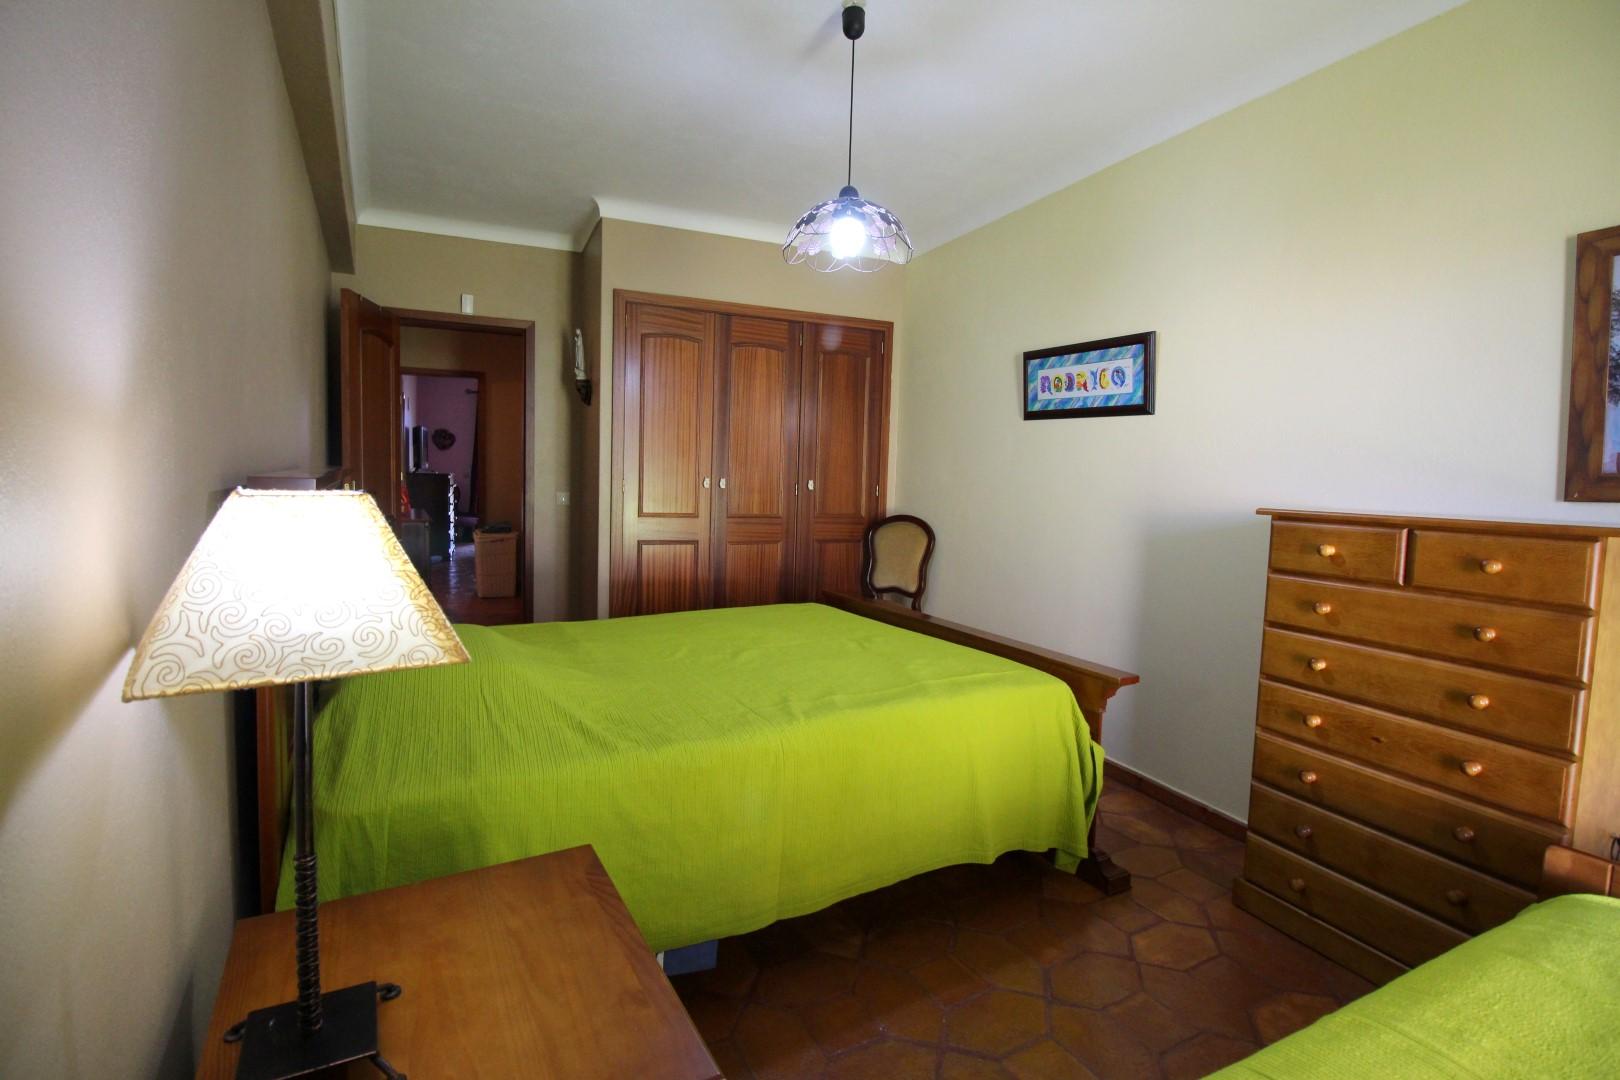 Location appartements et villas de vacance, Appartement avec piscine et terrasse – Porches à Porches (8400), Portugal Algarve, REF_IMG_8812_8817